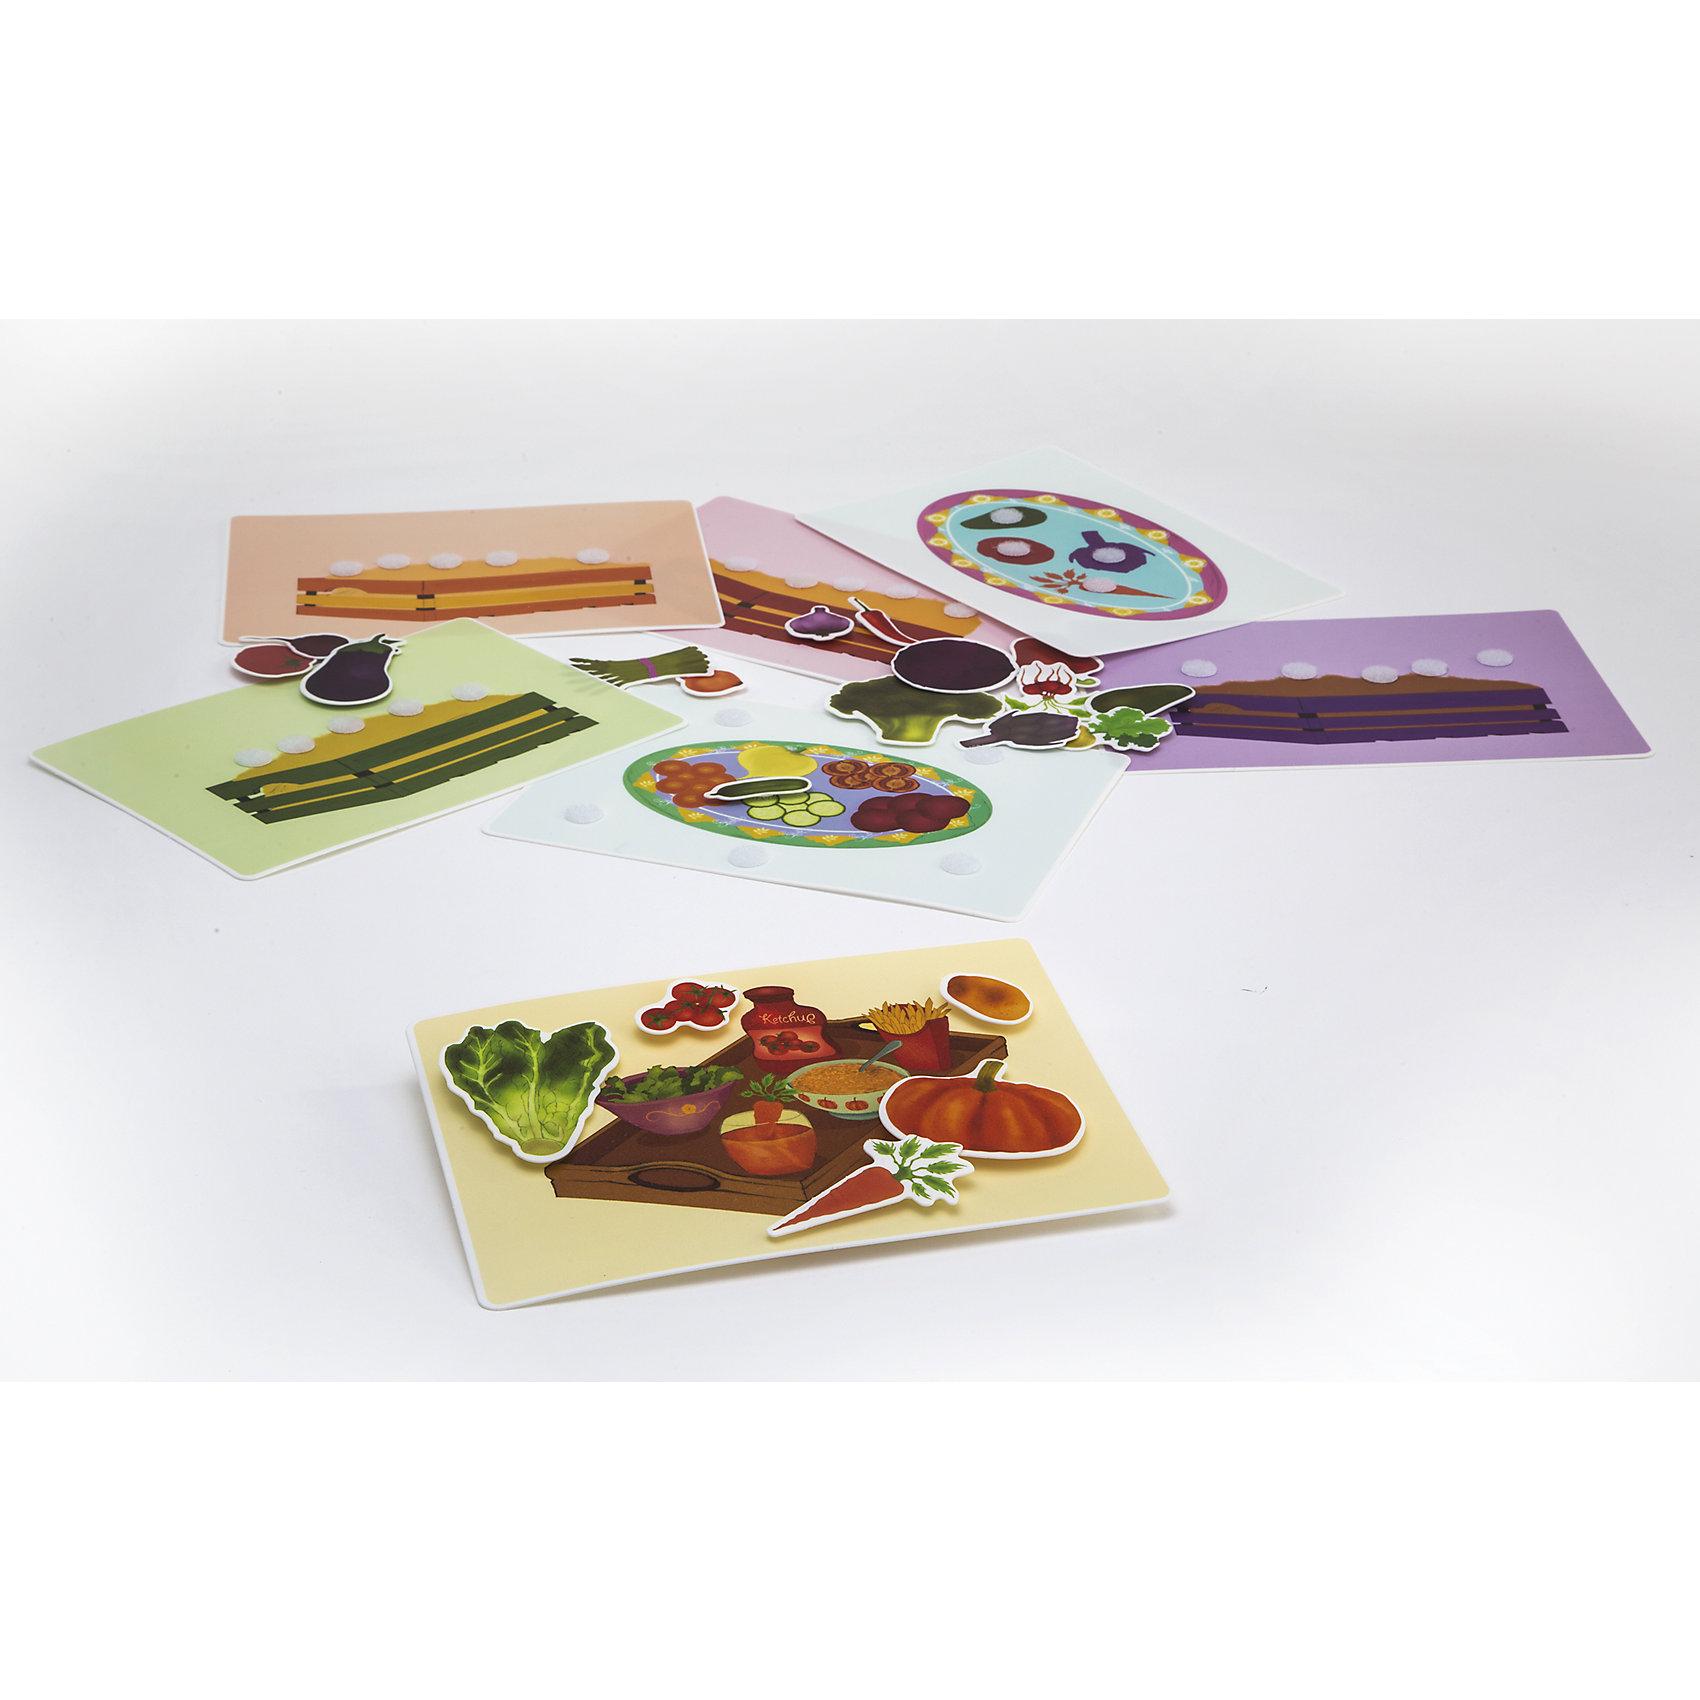 Игра Овощная корзинка, PicnMixИгры для дошкольников<br>Если Вы хотите занять малыша чем-то увлекательным и в то же время полезным, то игра Овощная корзинка, от Pic`n Mix - то, что Вы искали! В забавной игровой форме кроха легко выучит названия овощей, их цвета и даже блюда, которые из них готовят. Игра выполнена из безопасных материалов и прекрасно подходит для малышей. Кроха будет с удовольствием заполнять семь ярких игровых полей, приклеивая на них овощи. Пазл-липучка Овощная корзинка будет способствовать развитию логического мышления, памяти, а также мелкой моторики рук.<br><br>Дополнительная информация:<br><br>- Развивает логику, память, мелкую моторику;<br>- 7 игровых полей;<br>- Яркие цвета;<br>- Размер упаковки: 25 х 16 х 5,2 см;<br>- Вес: 300 г<br><br>Игру Овощная корзинка, Pic`n Mix можно купить в нашем интернет-магазине.<br><br>Ширина мм: 250<br>Глубина мм: 160<br>Высота мм: 52<br>Вес г: 300<br>Возраст от месяцев: 36<br>Возраст до месяцев: 60<br>Пол: Унисекс<br>Возраст: Детский<br>SKU: 4089713